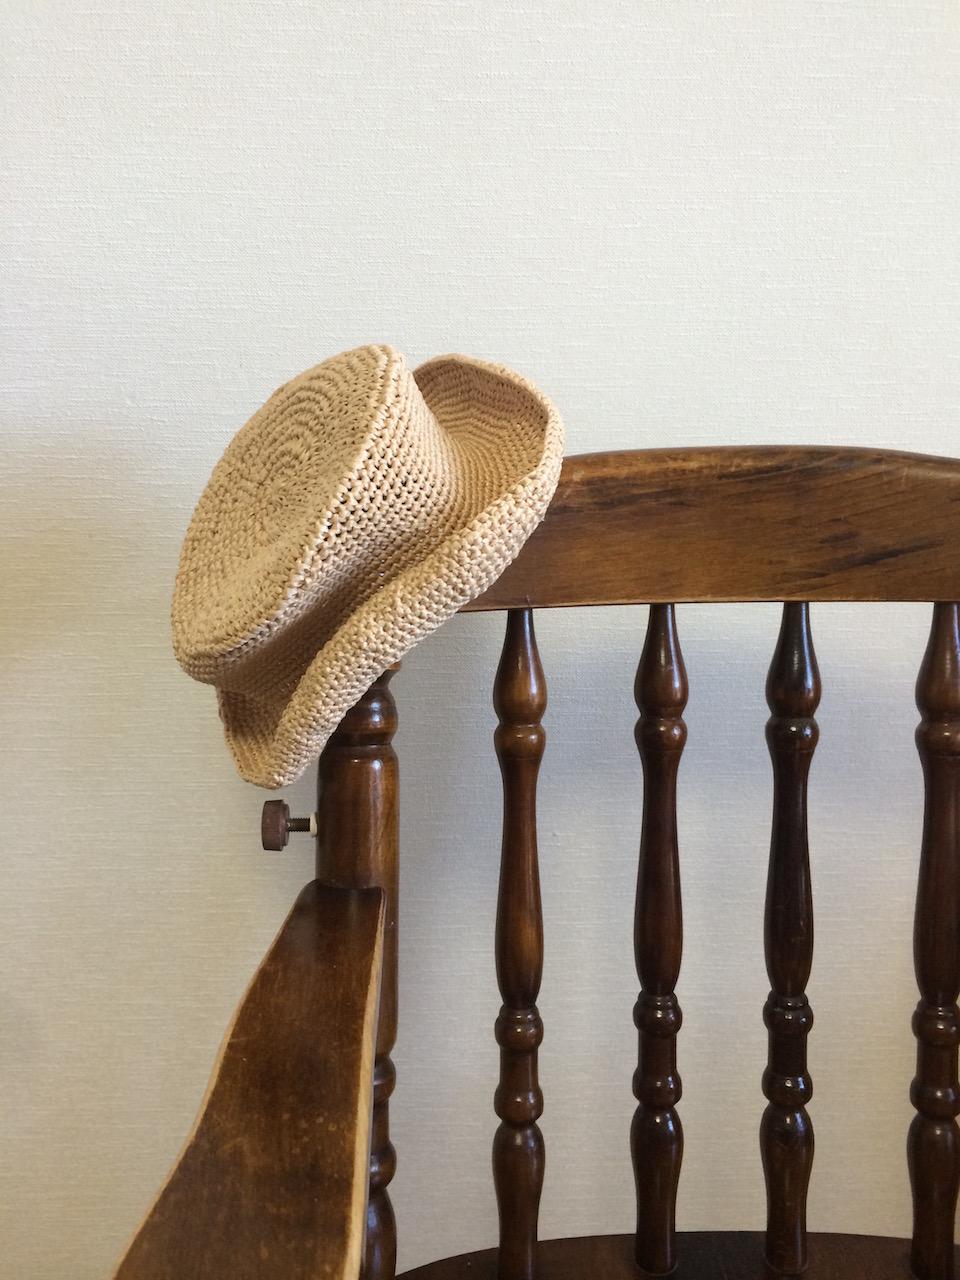 それでもやはり心が折れそうになり、浮気その2。エコアンダリヤで編んだカンカン帽。達成感を得て再び自分を奮い立たせる。